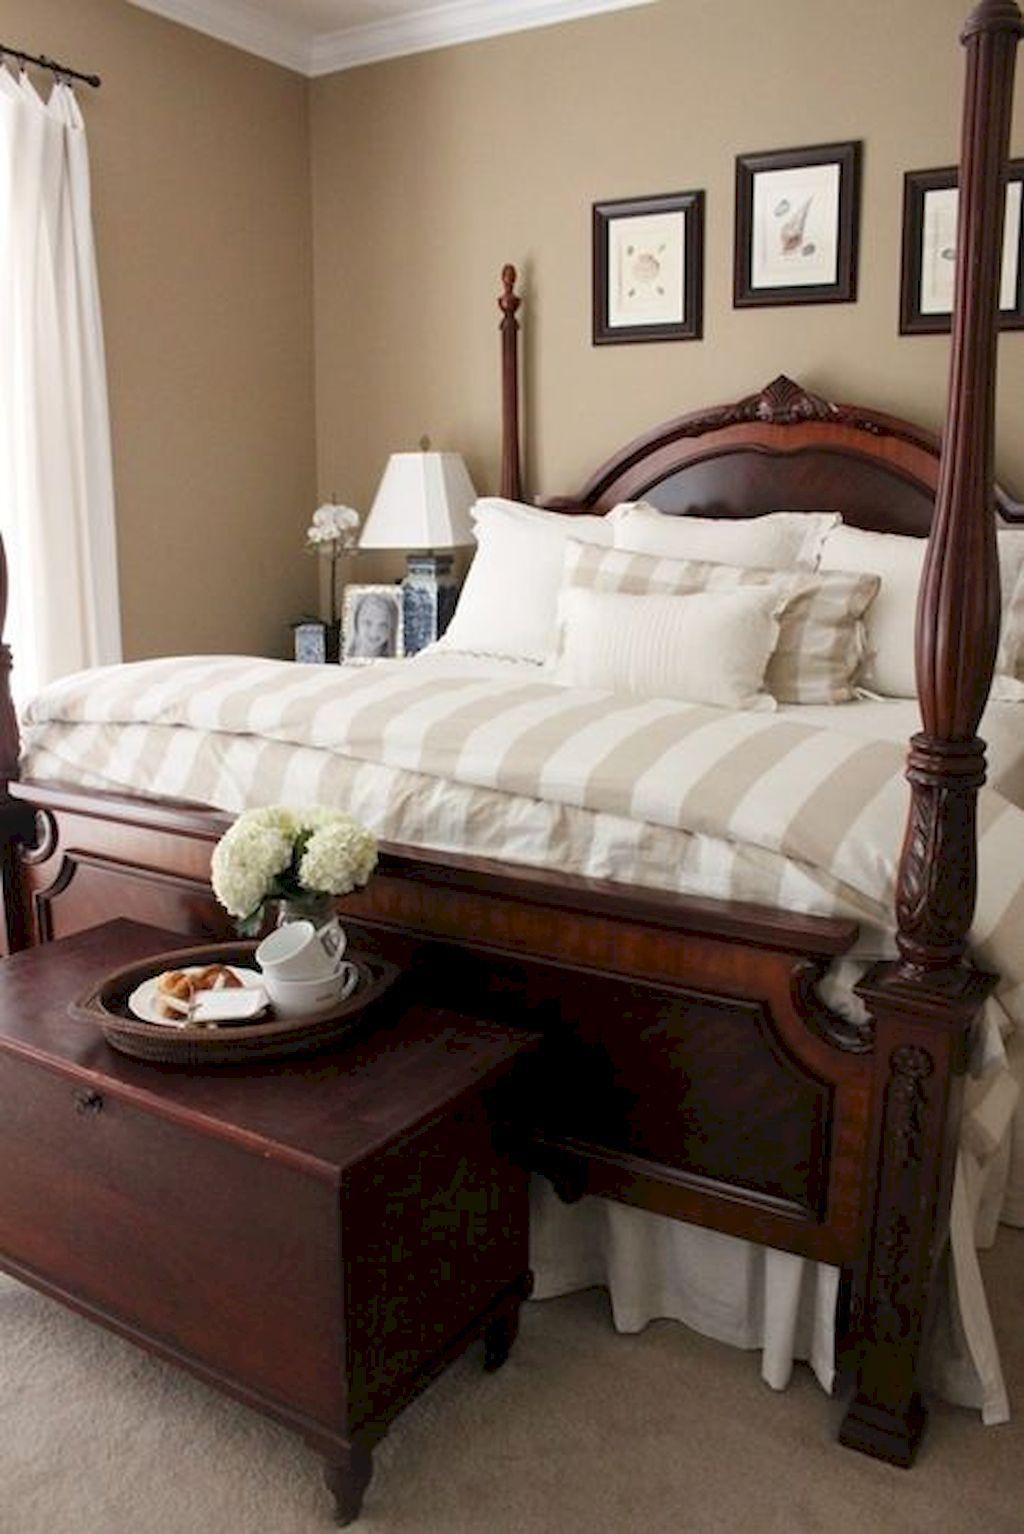 Inspiring Traditional Bedroom Decor Ideas 03